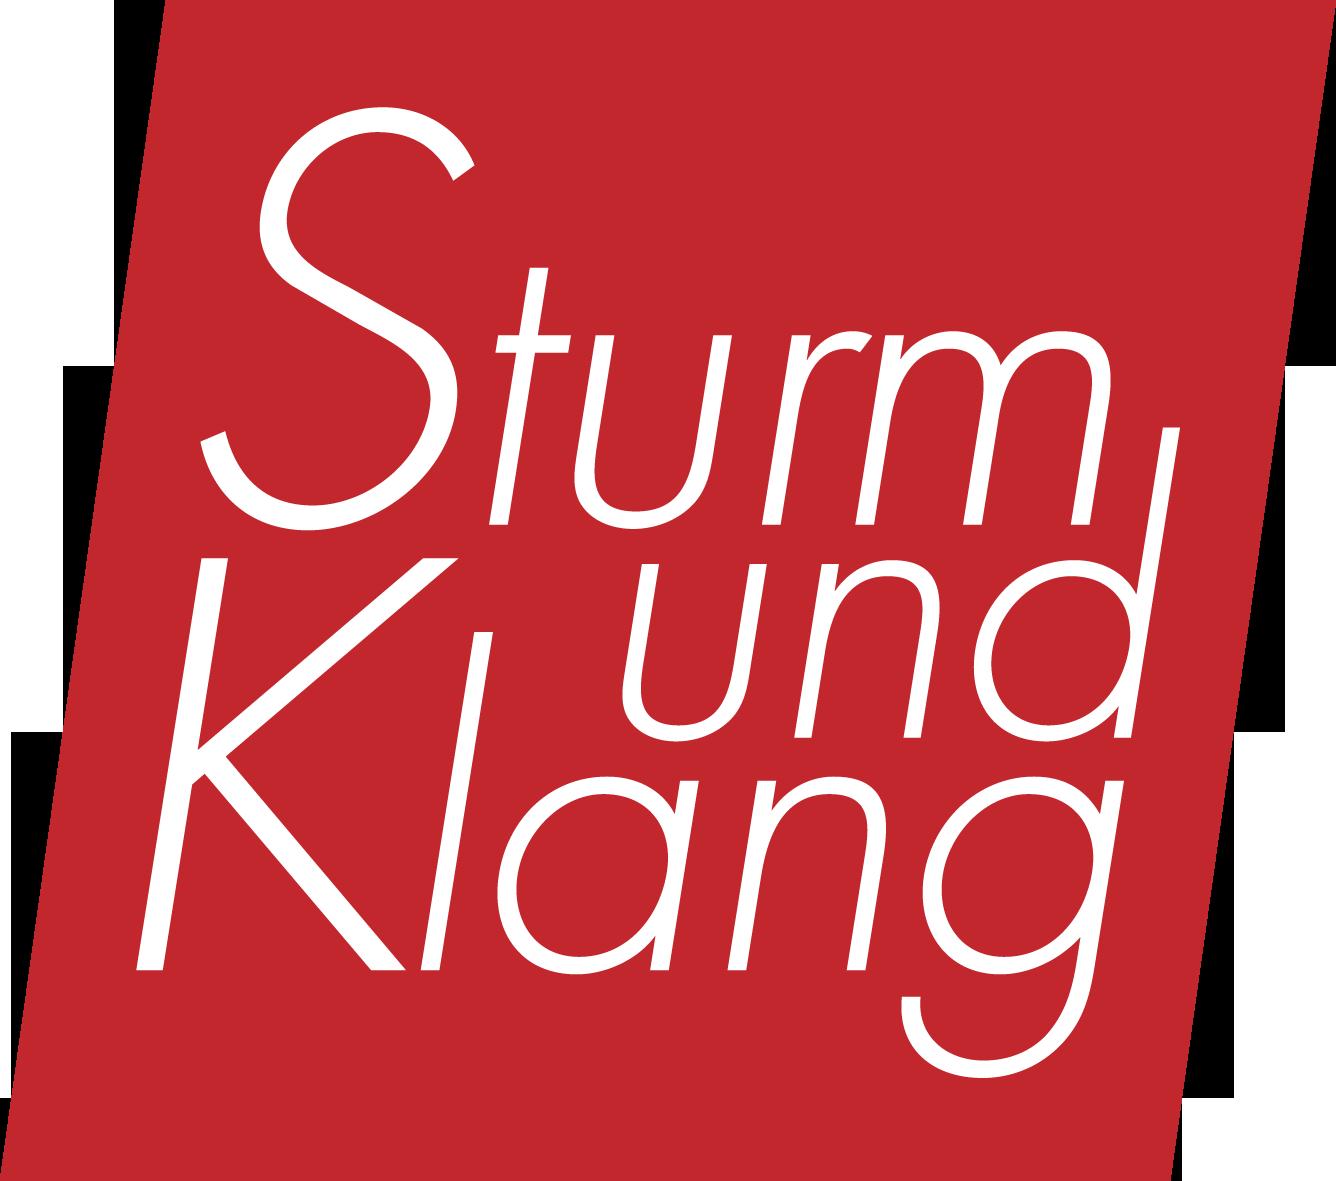 Sturm und Klang logo